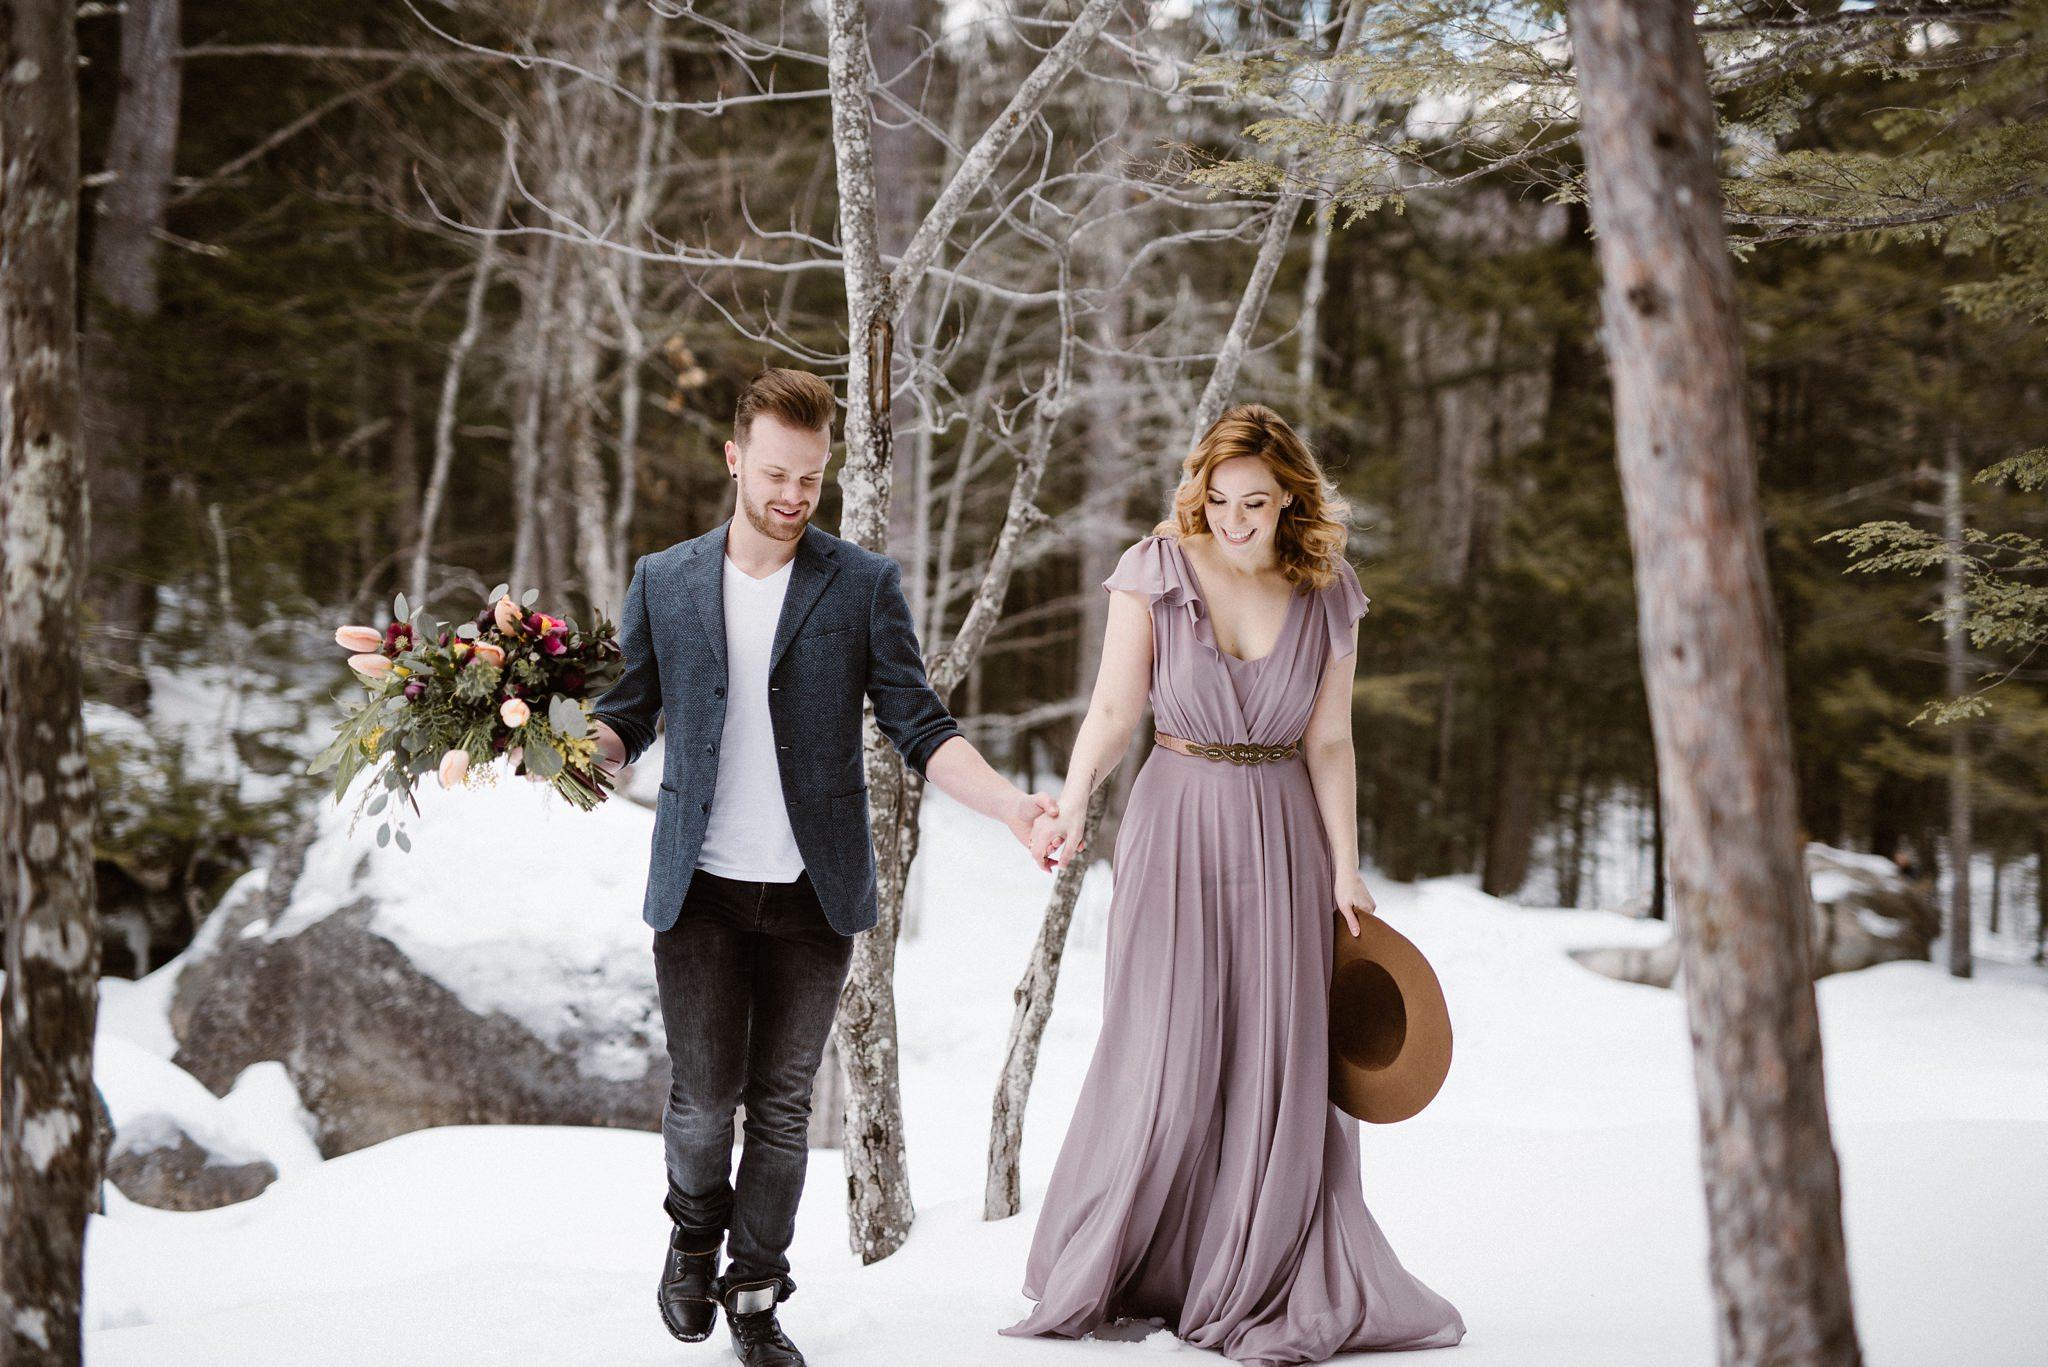 White Mountains Wedding Photographer Diana S Baths Engagement Photos Emily Herzig Lindsay Hackney